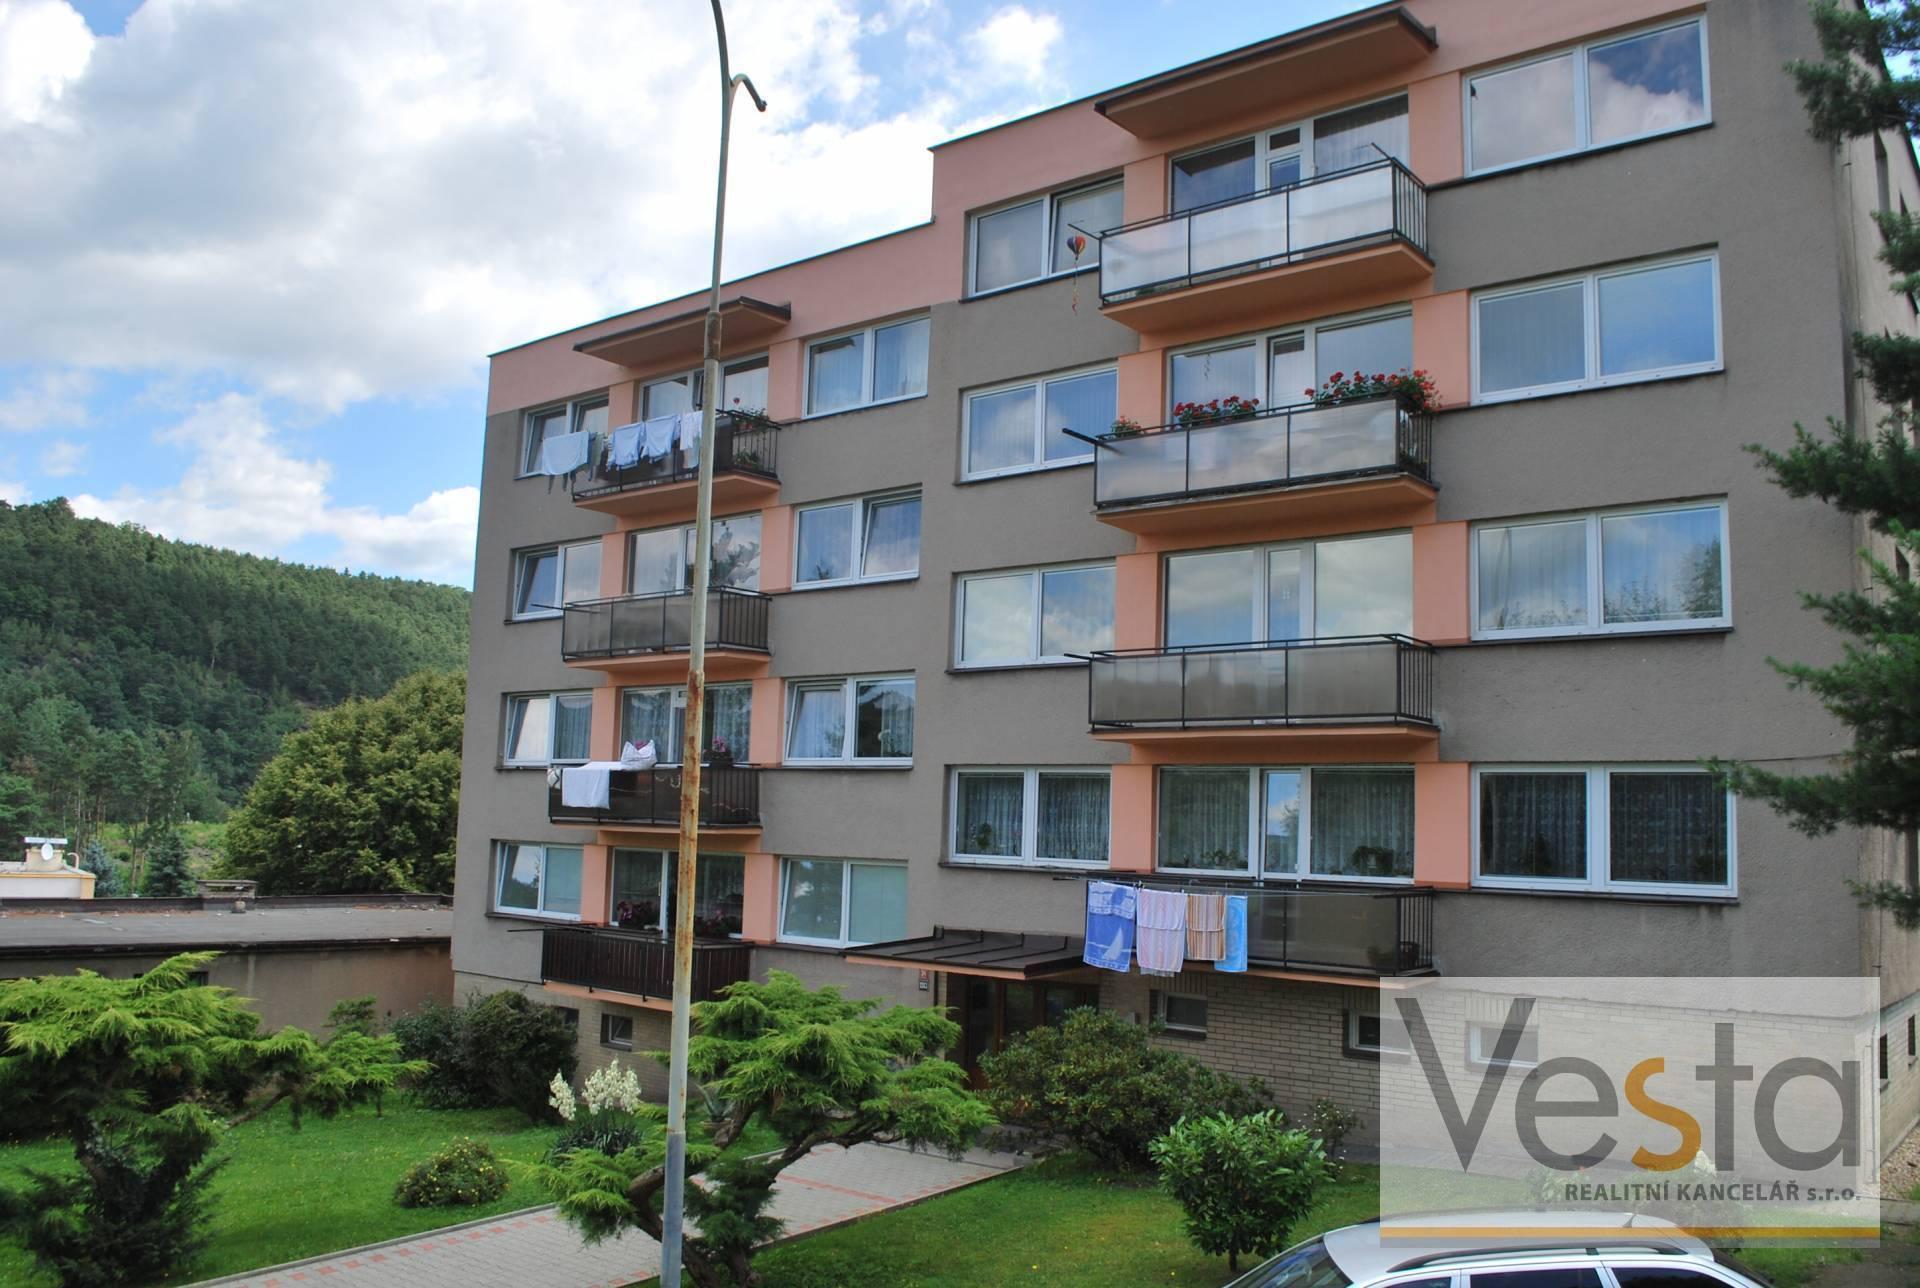 Byt 4+1 s hezkým výhledem v obci Děčín VI-Letná